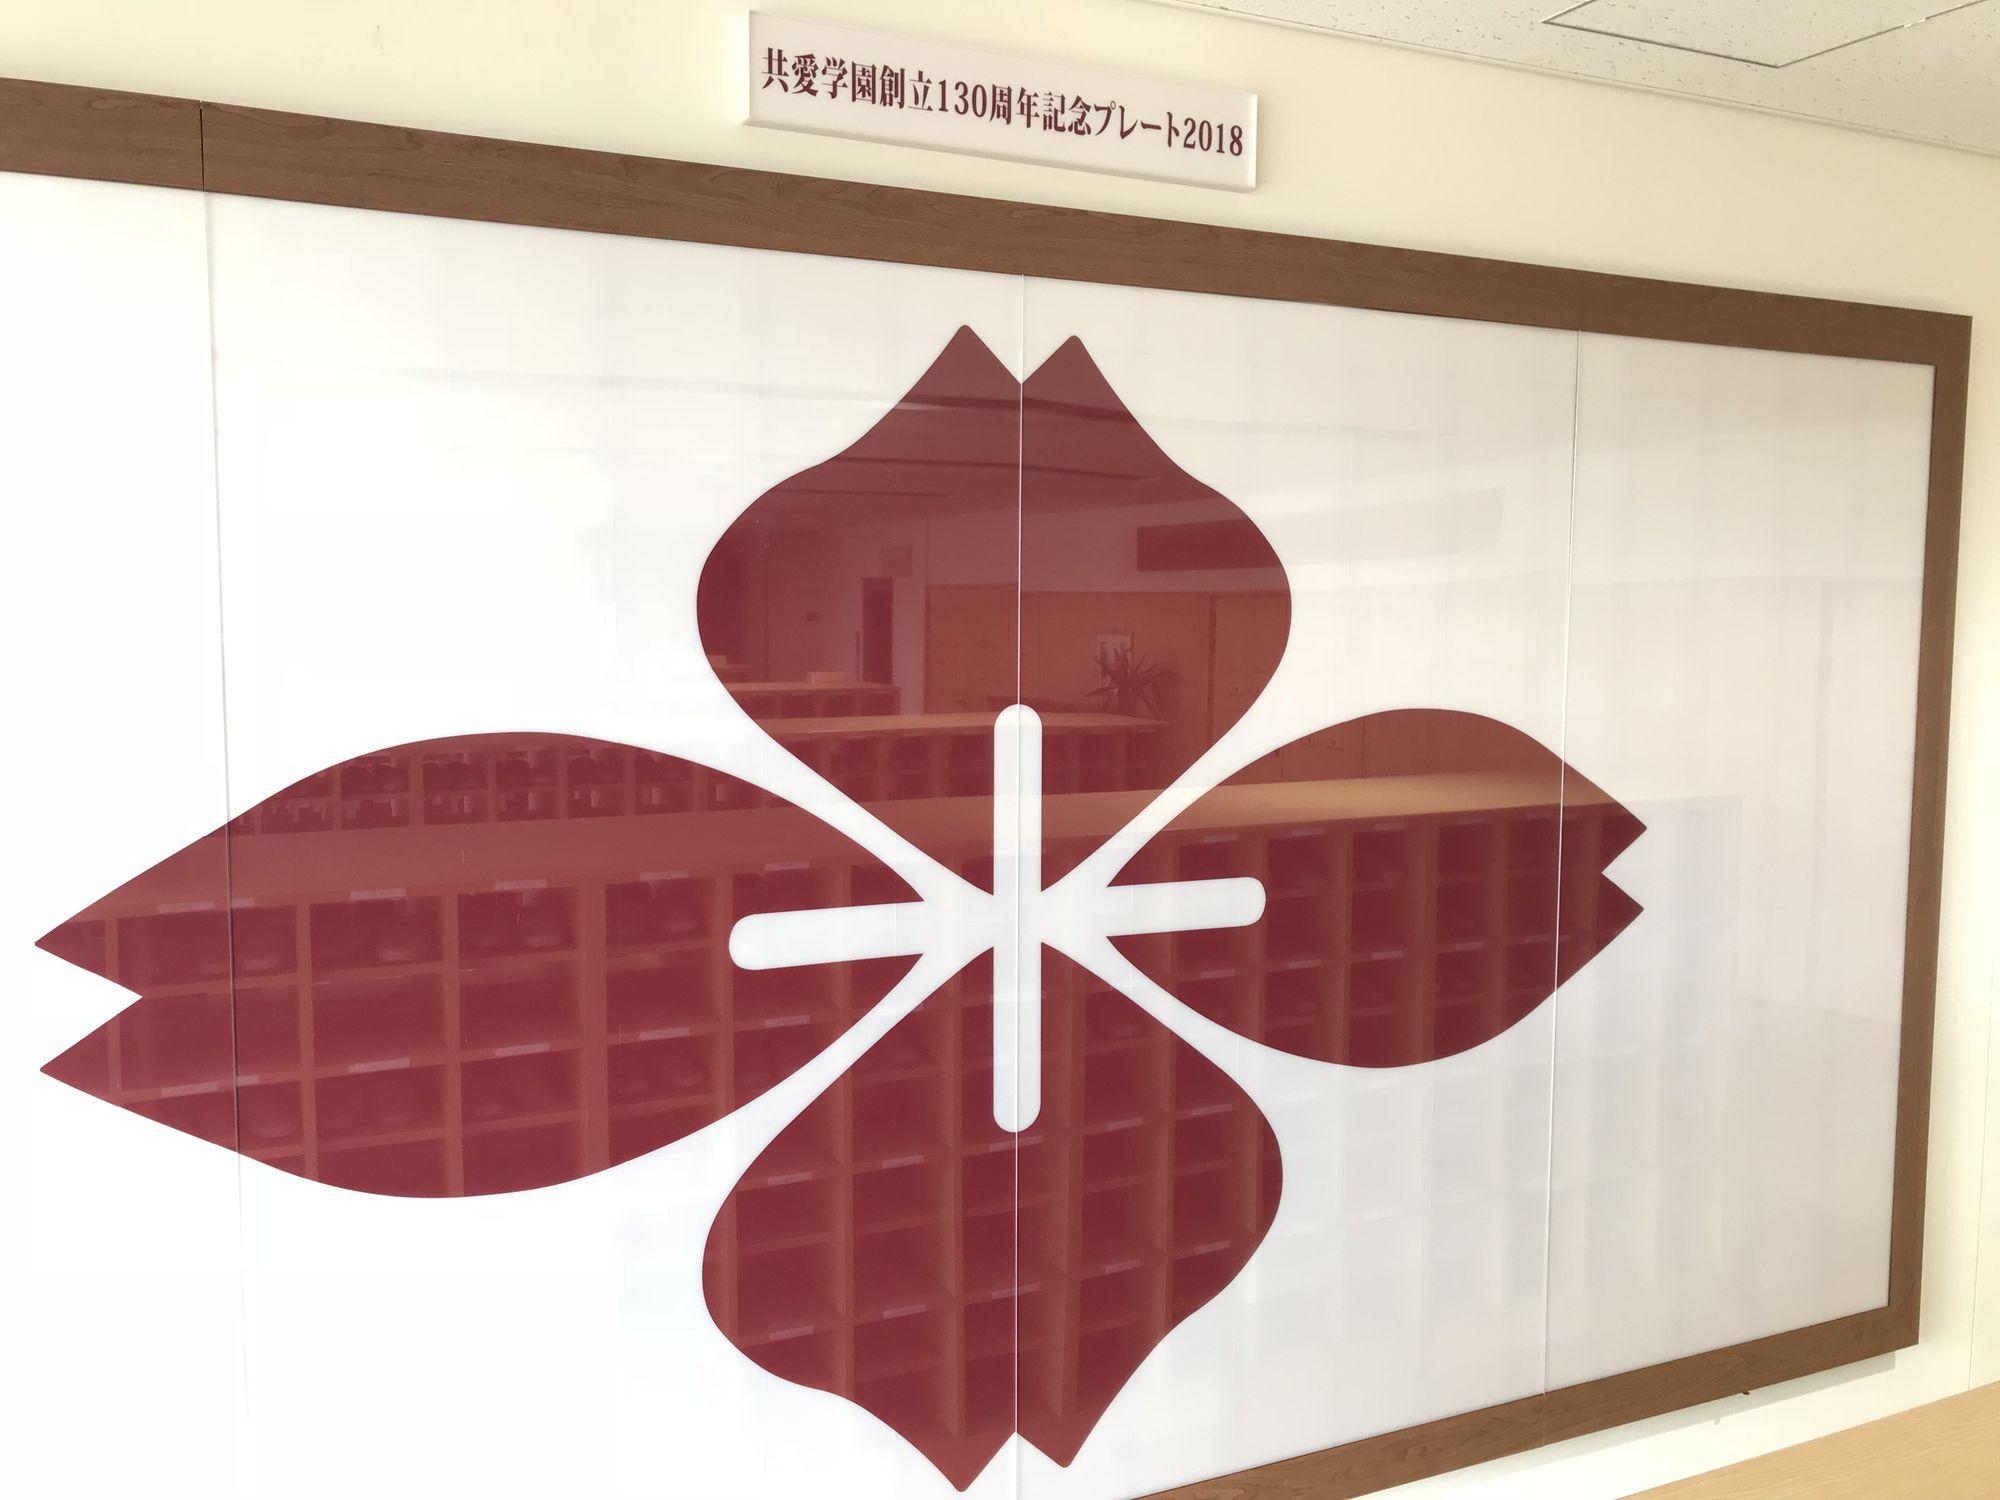 共愛学園130周年記念プレート